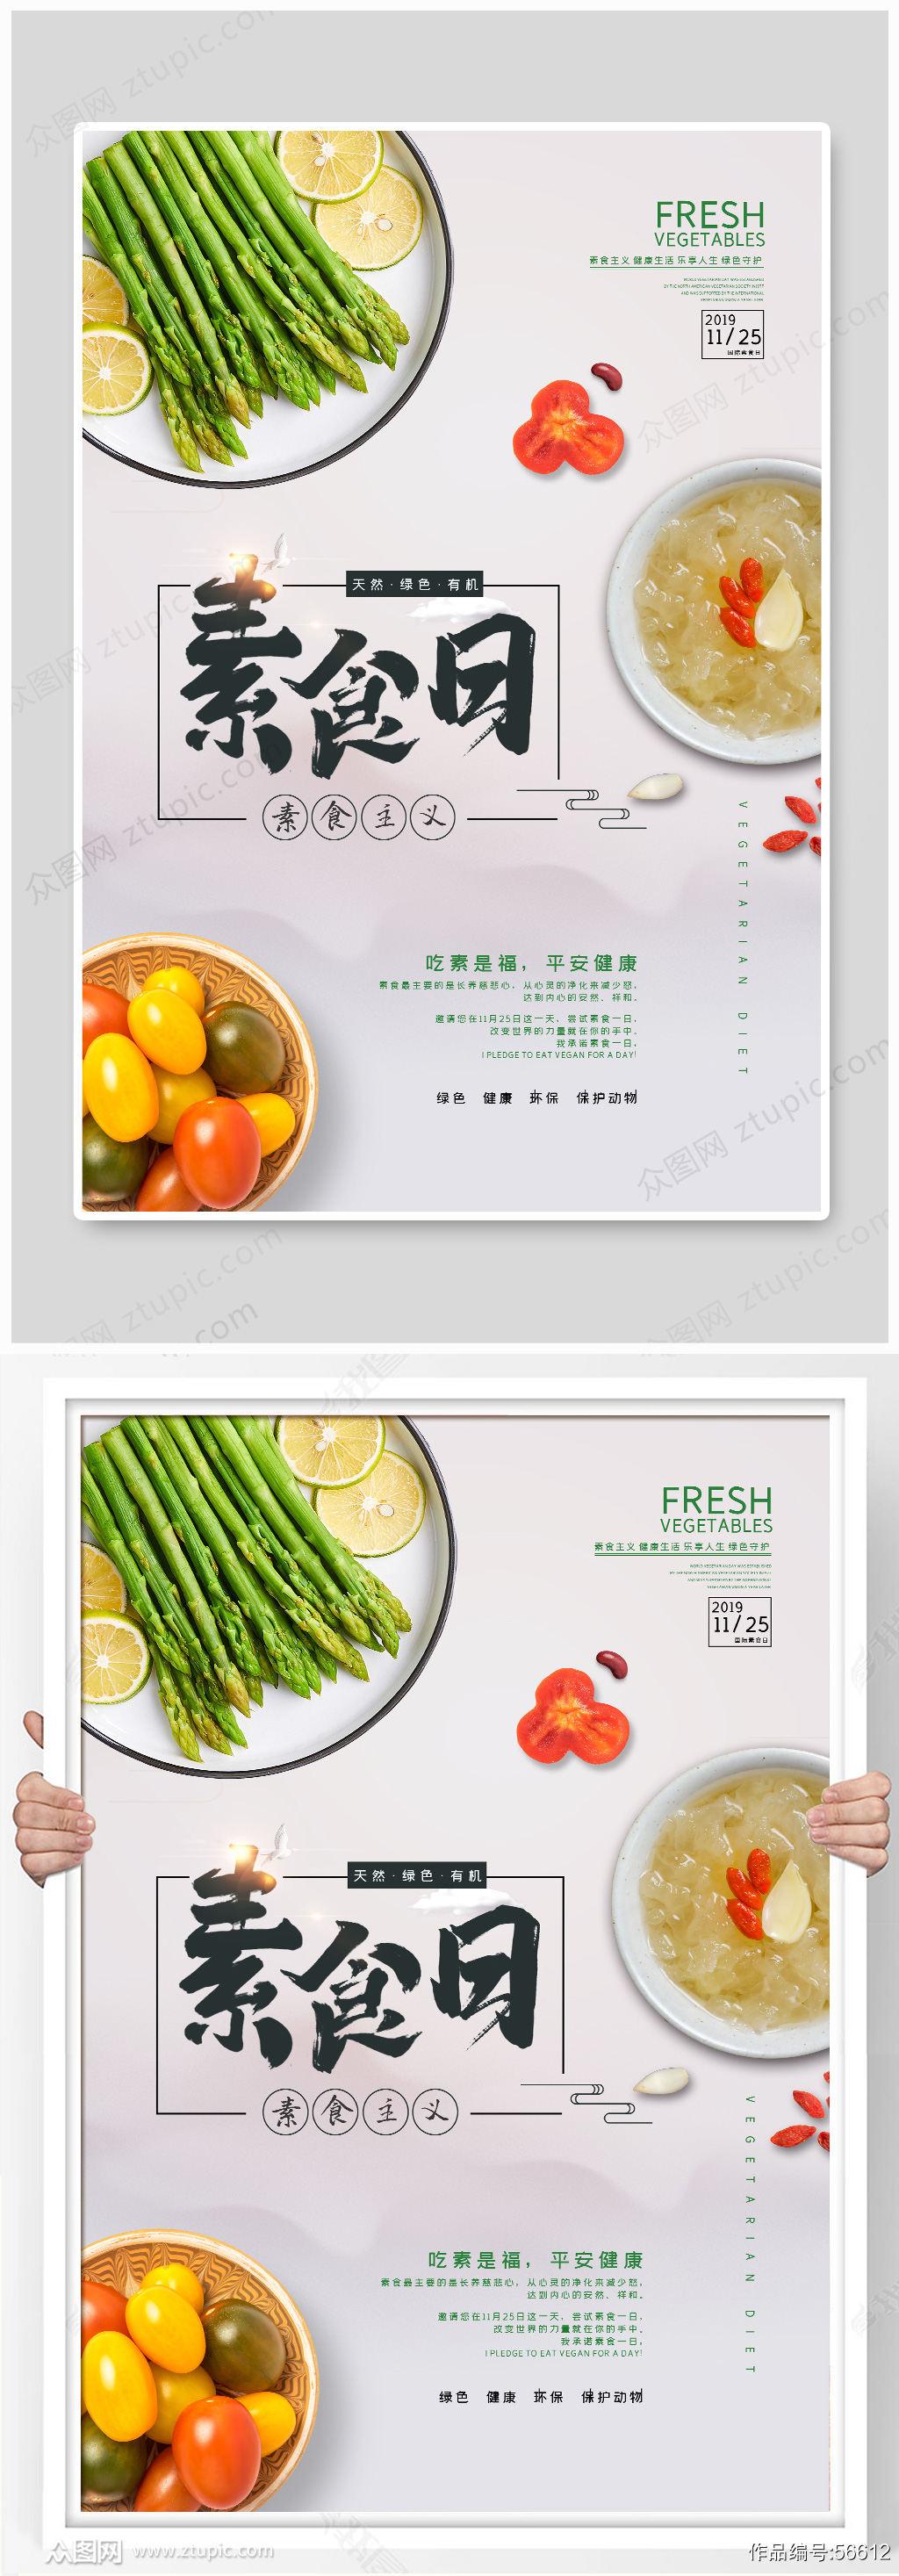 小亲新素食日海报设计素材